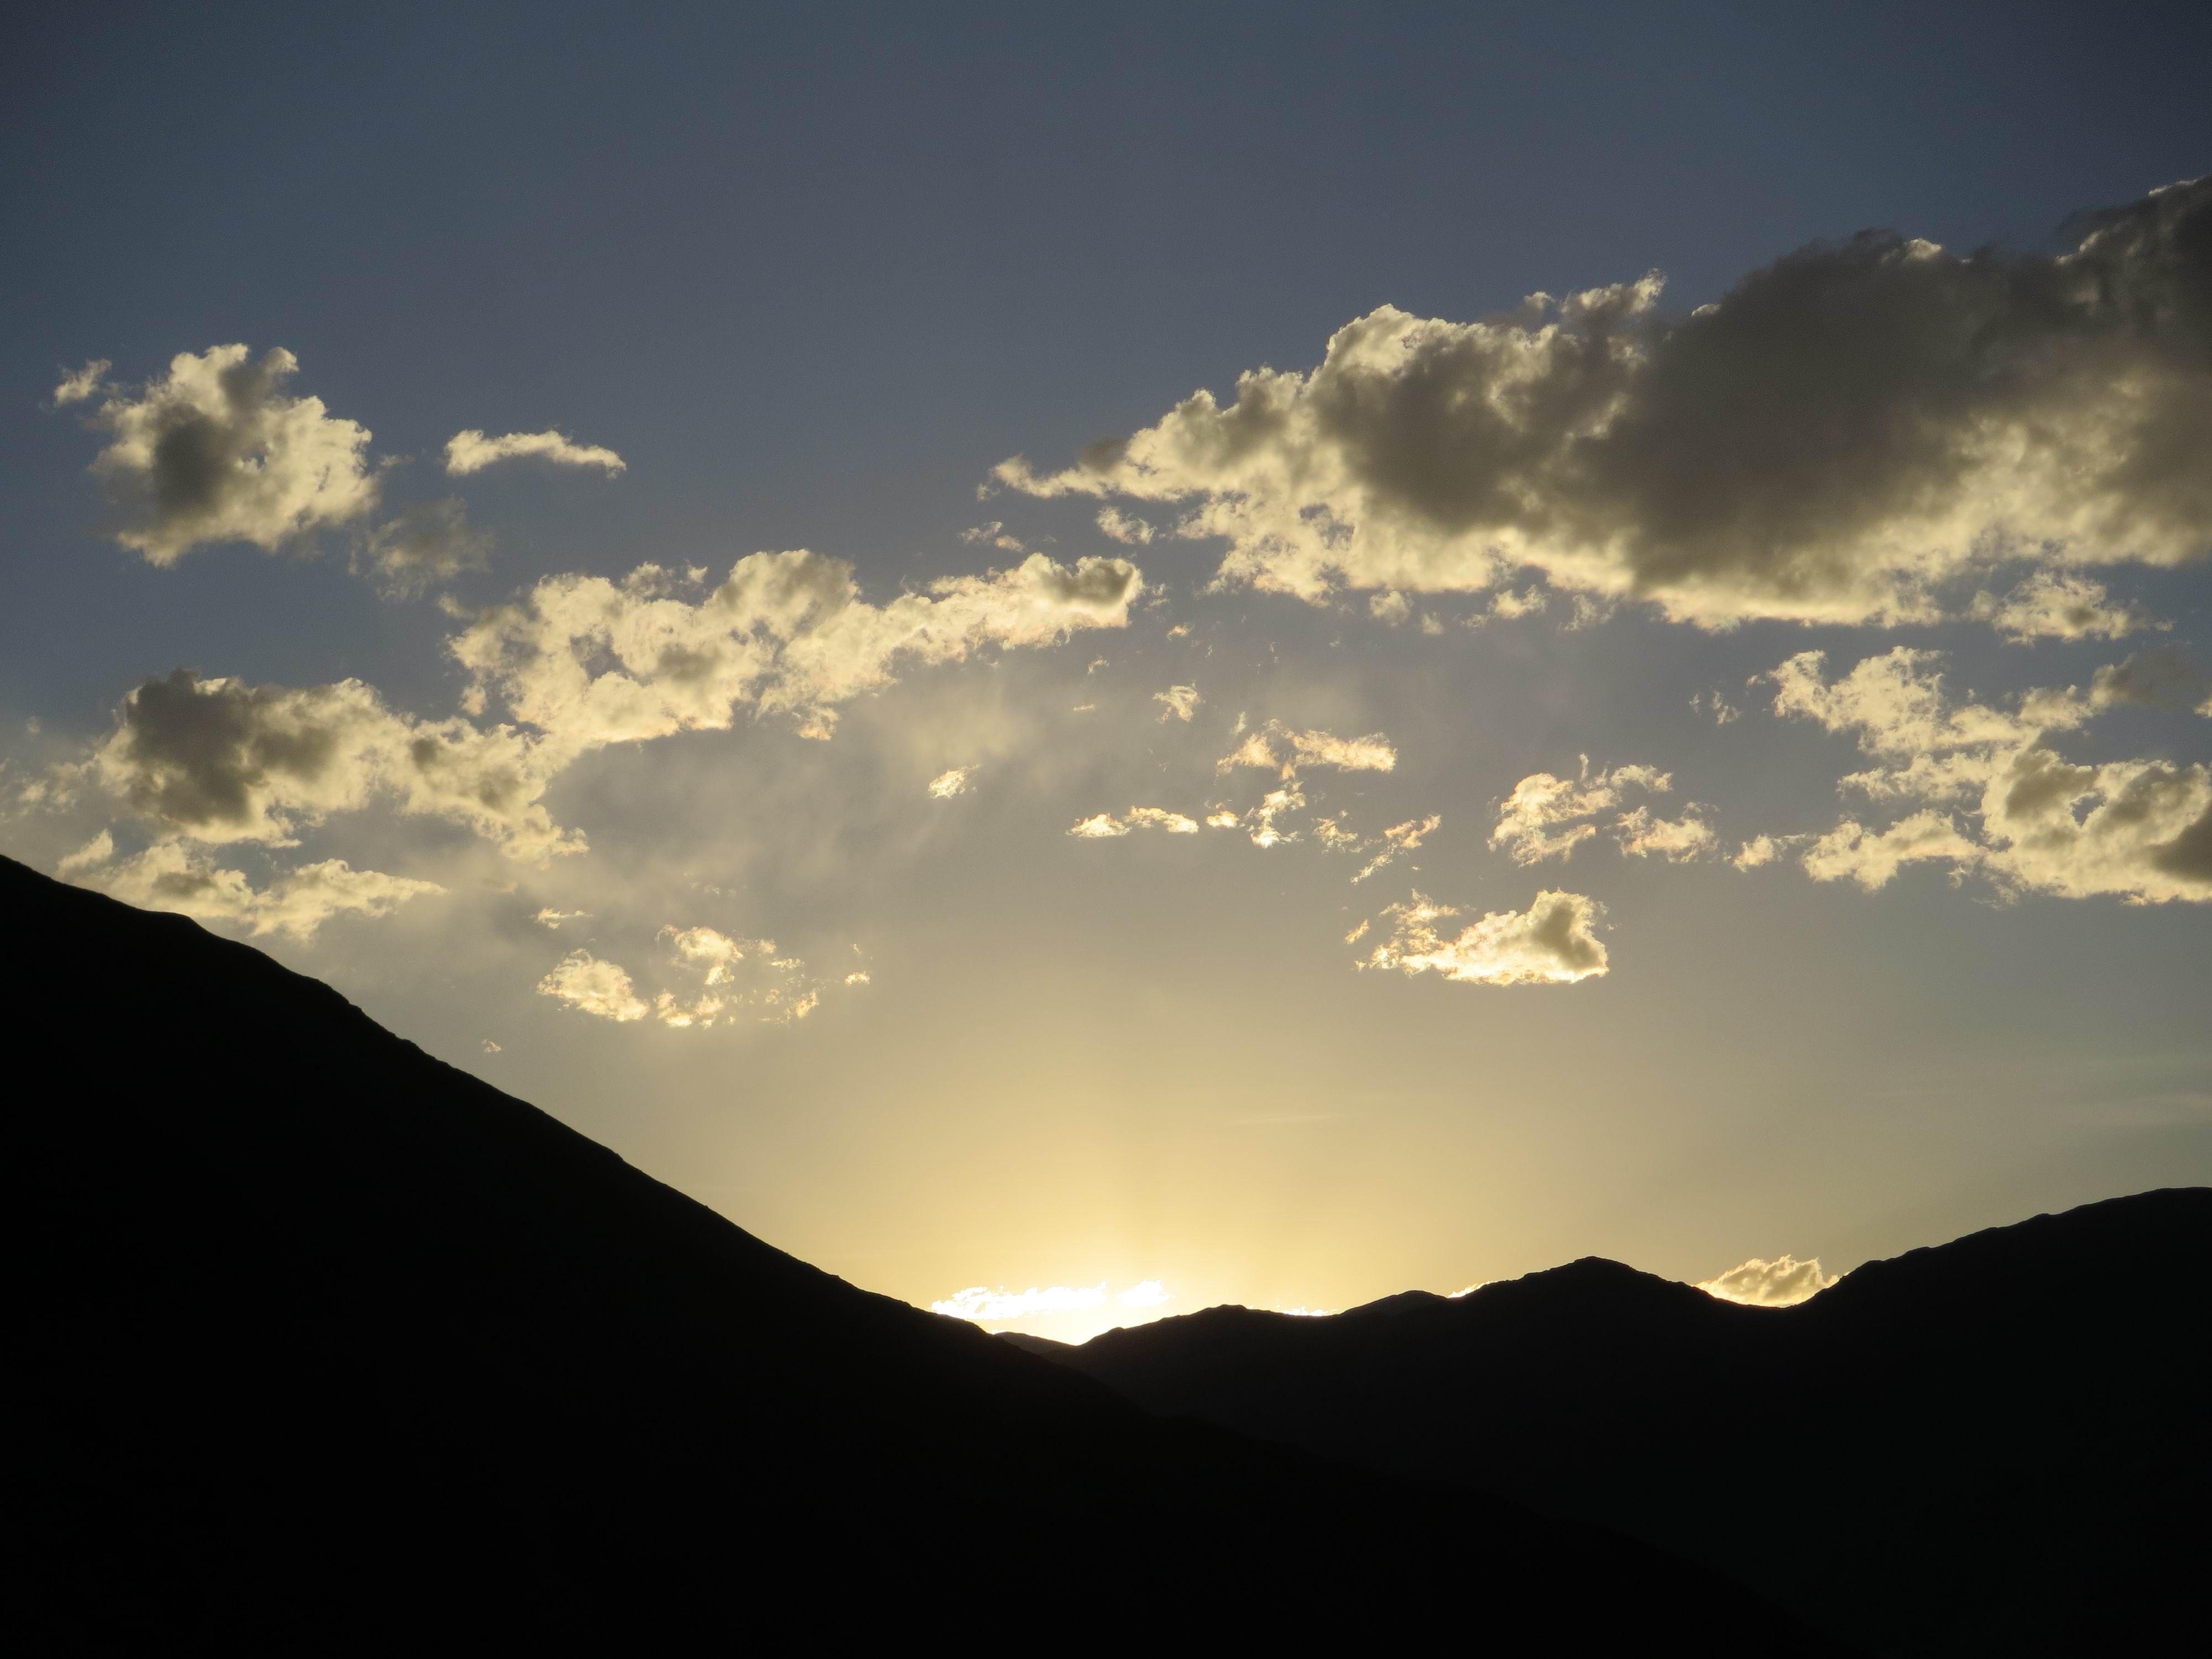 西藏 9點的晚霞